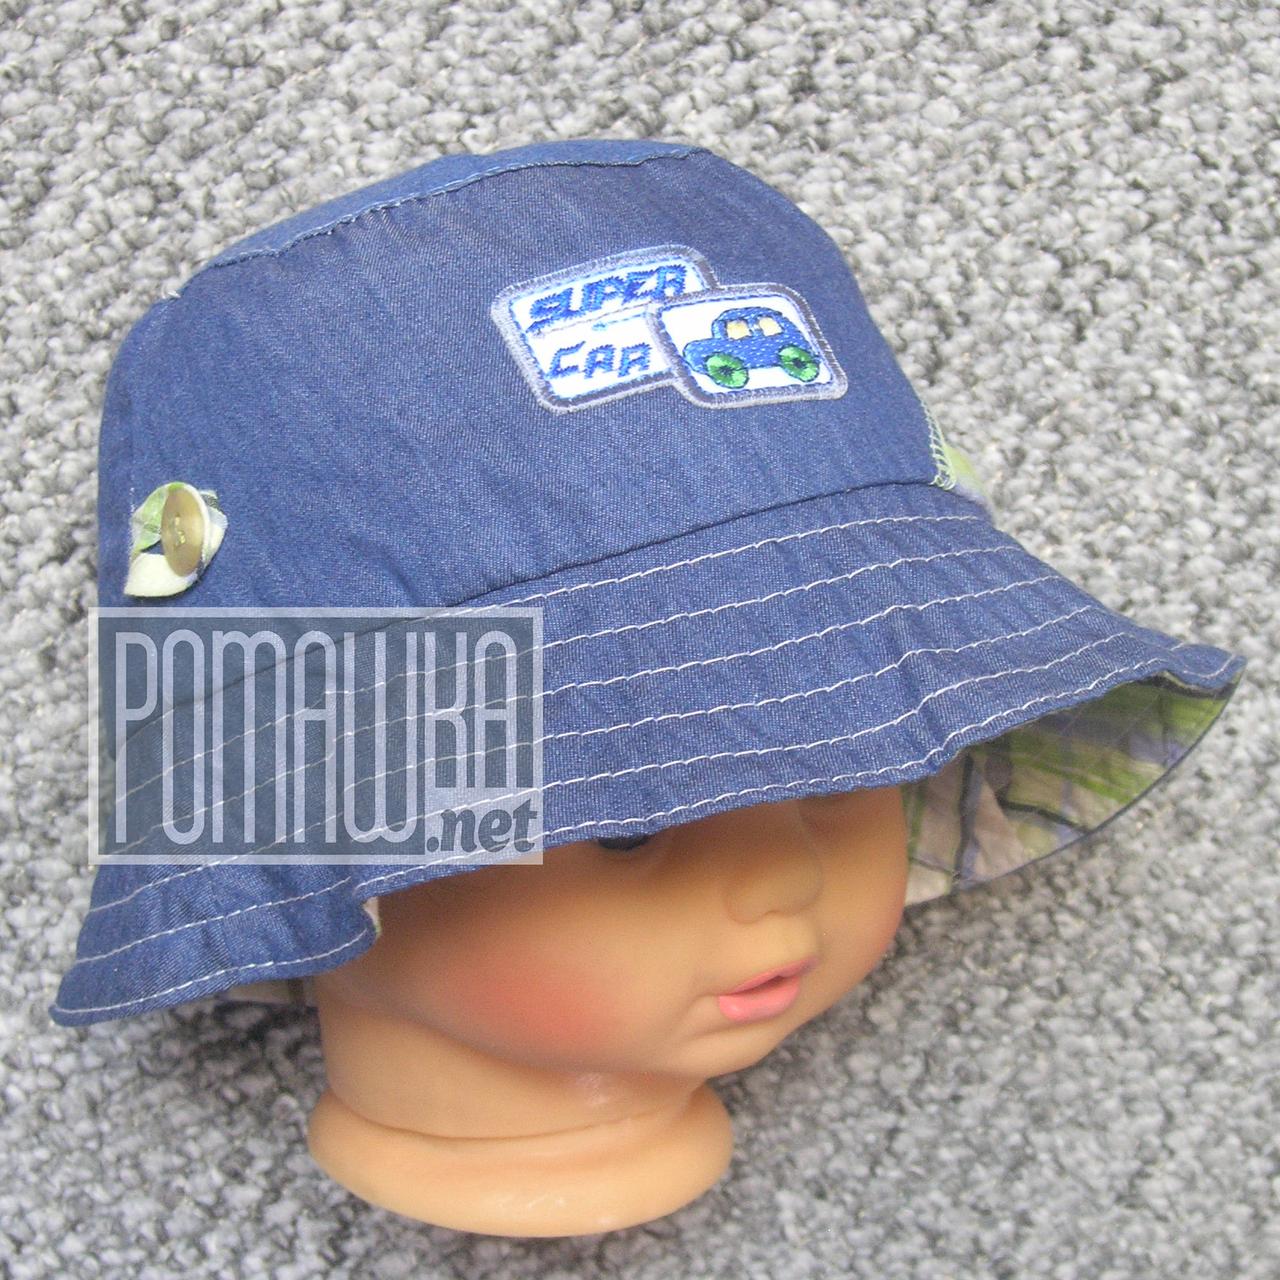 Детская р 48 12-18 мес летняя Стильная панамка на для мальчика мальчику панама для детей ребёнка 4767 Зеленый